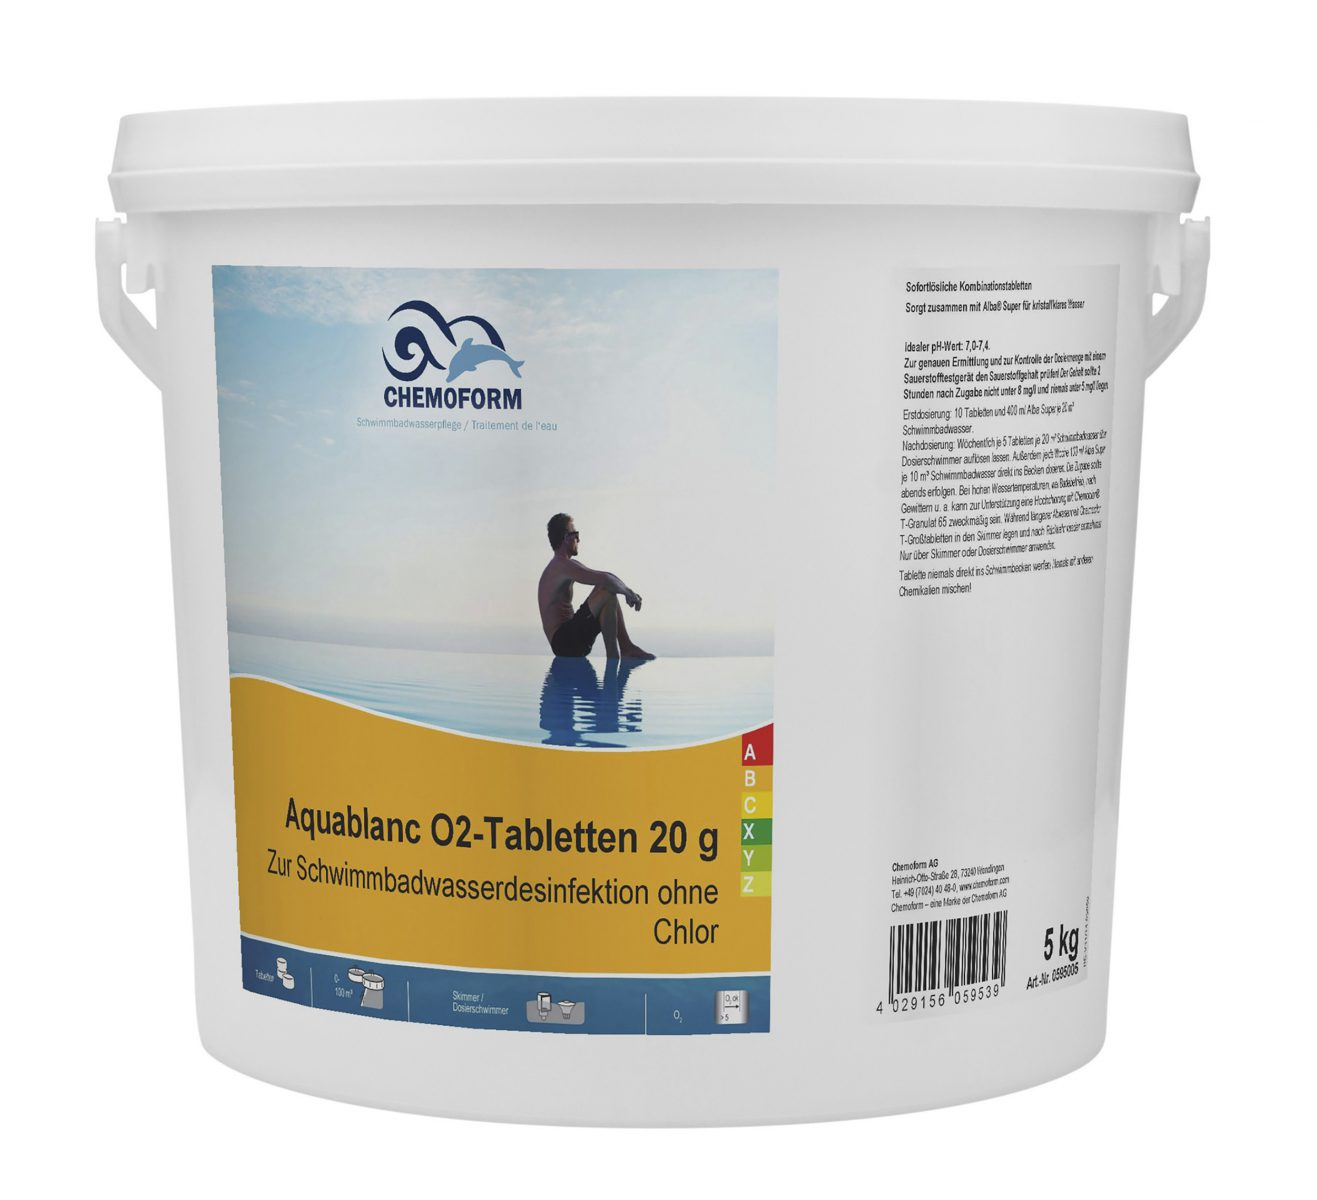 Активный кислород в таблетках для дезинфекции воды в бассейнах Аквабланк О2 (20 г)